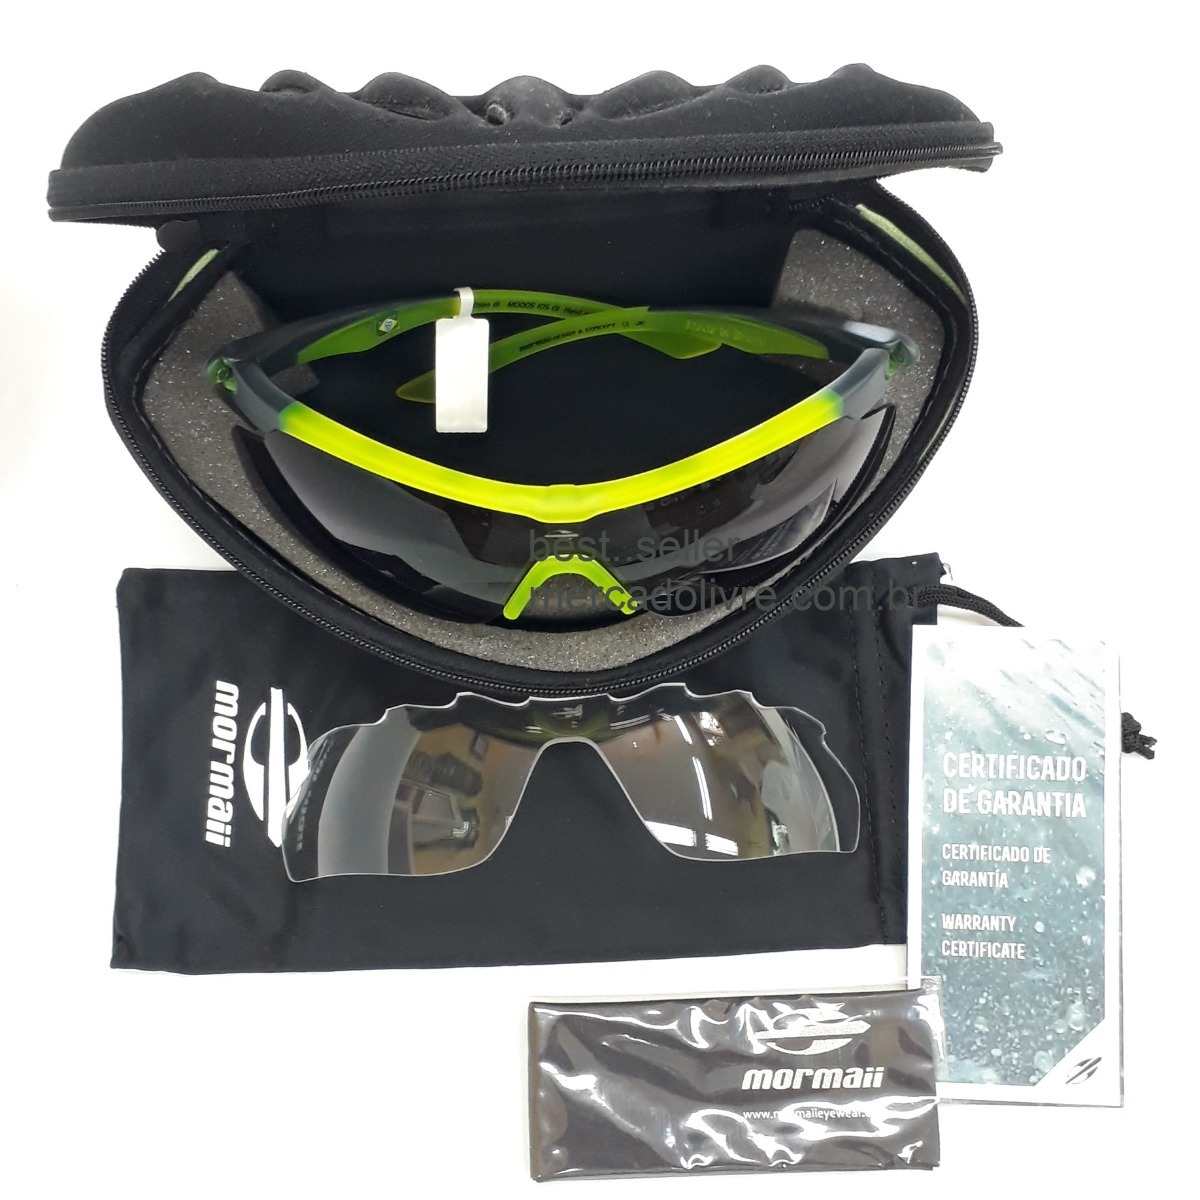 Óculos Solar Mormaii Athlon 3 Ciclismo 2 Lentes - R  329,00 em ... 5d5c80495a